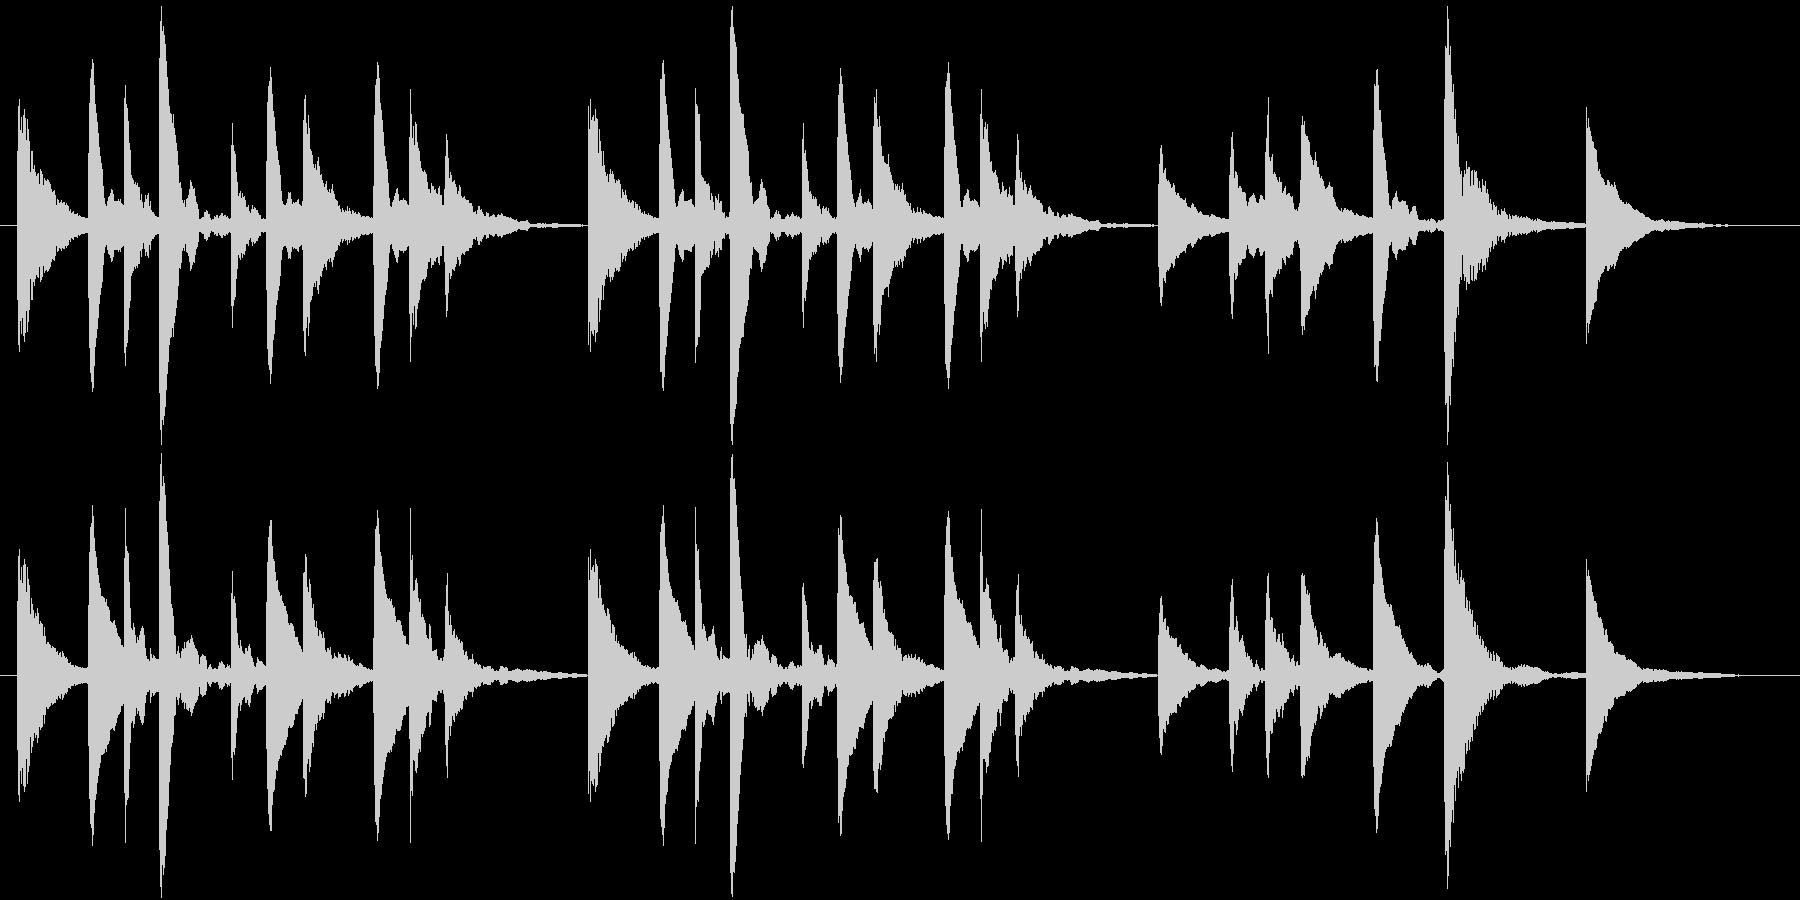 穏やか、ほのぼのとしたマリンバのジングルの未再生の波形